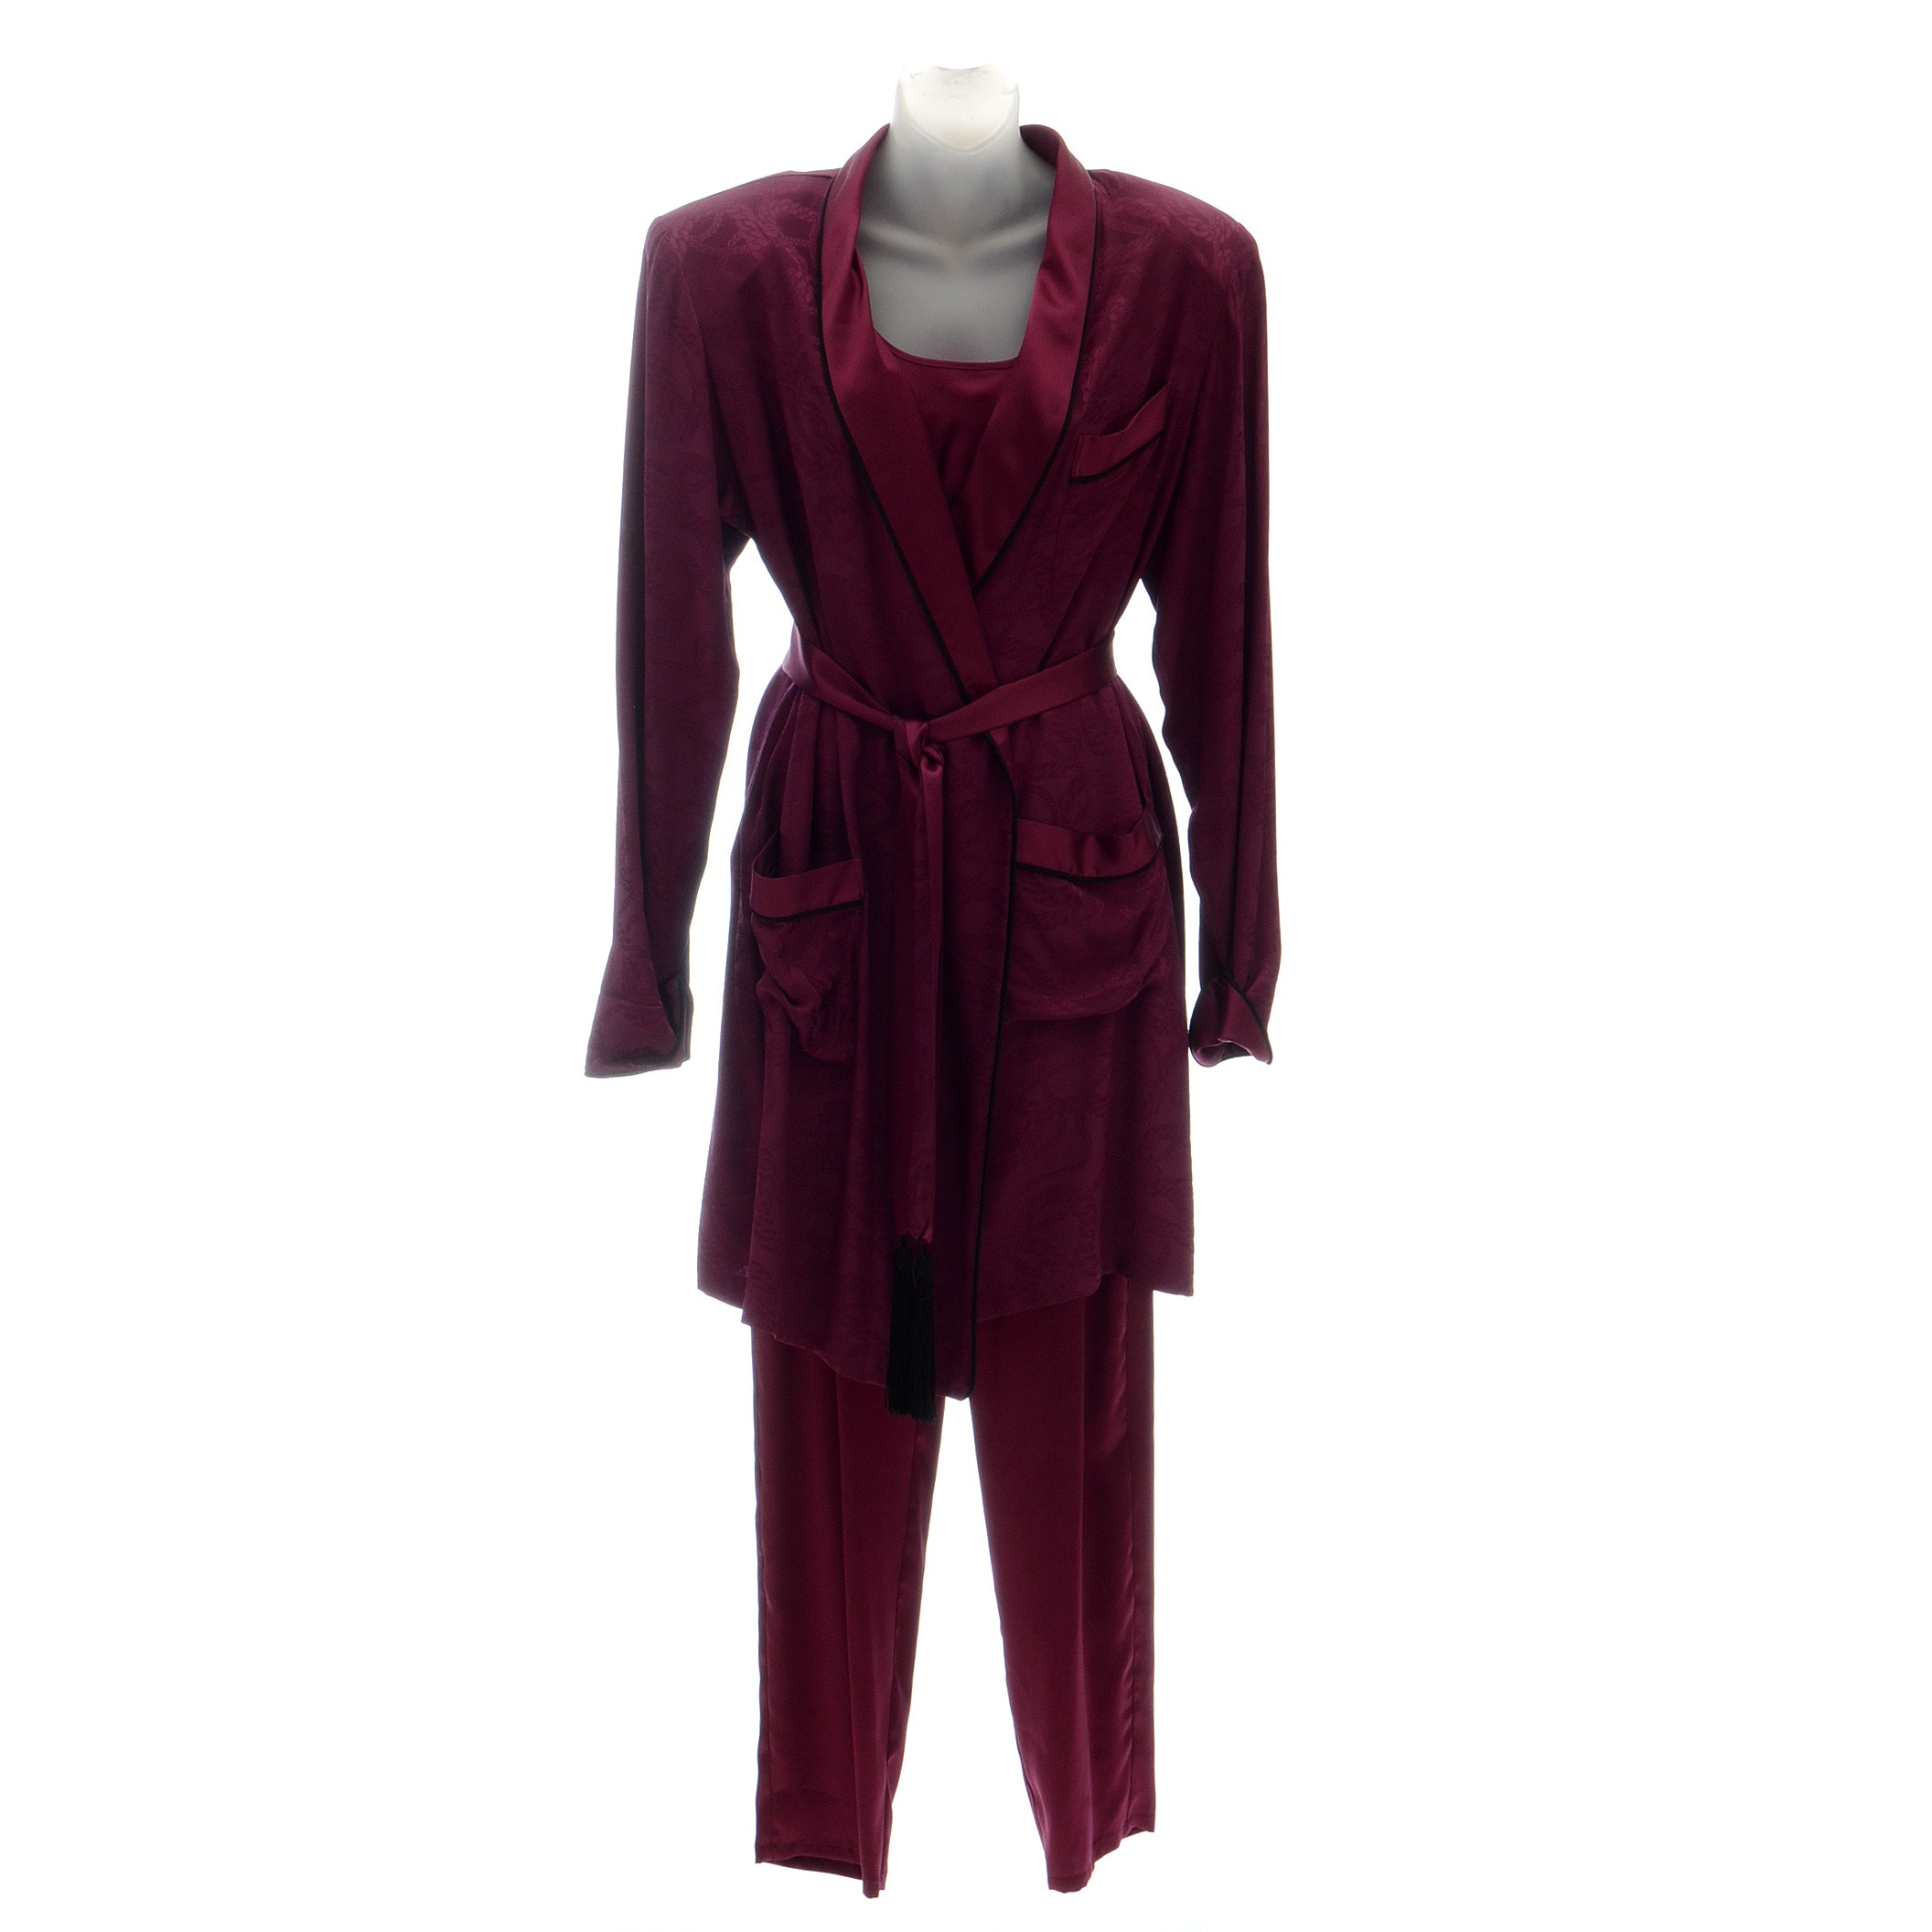 Vintage Adagio Silk Loungewear